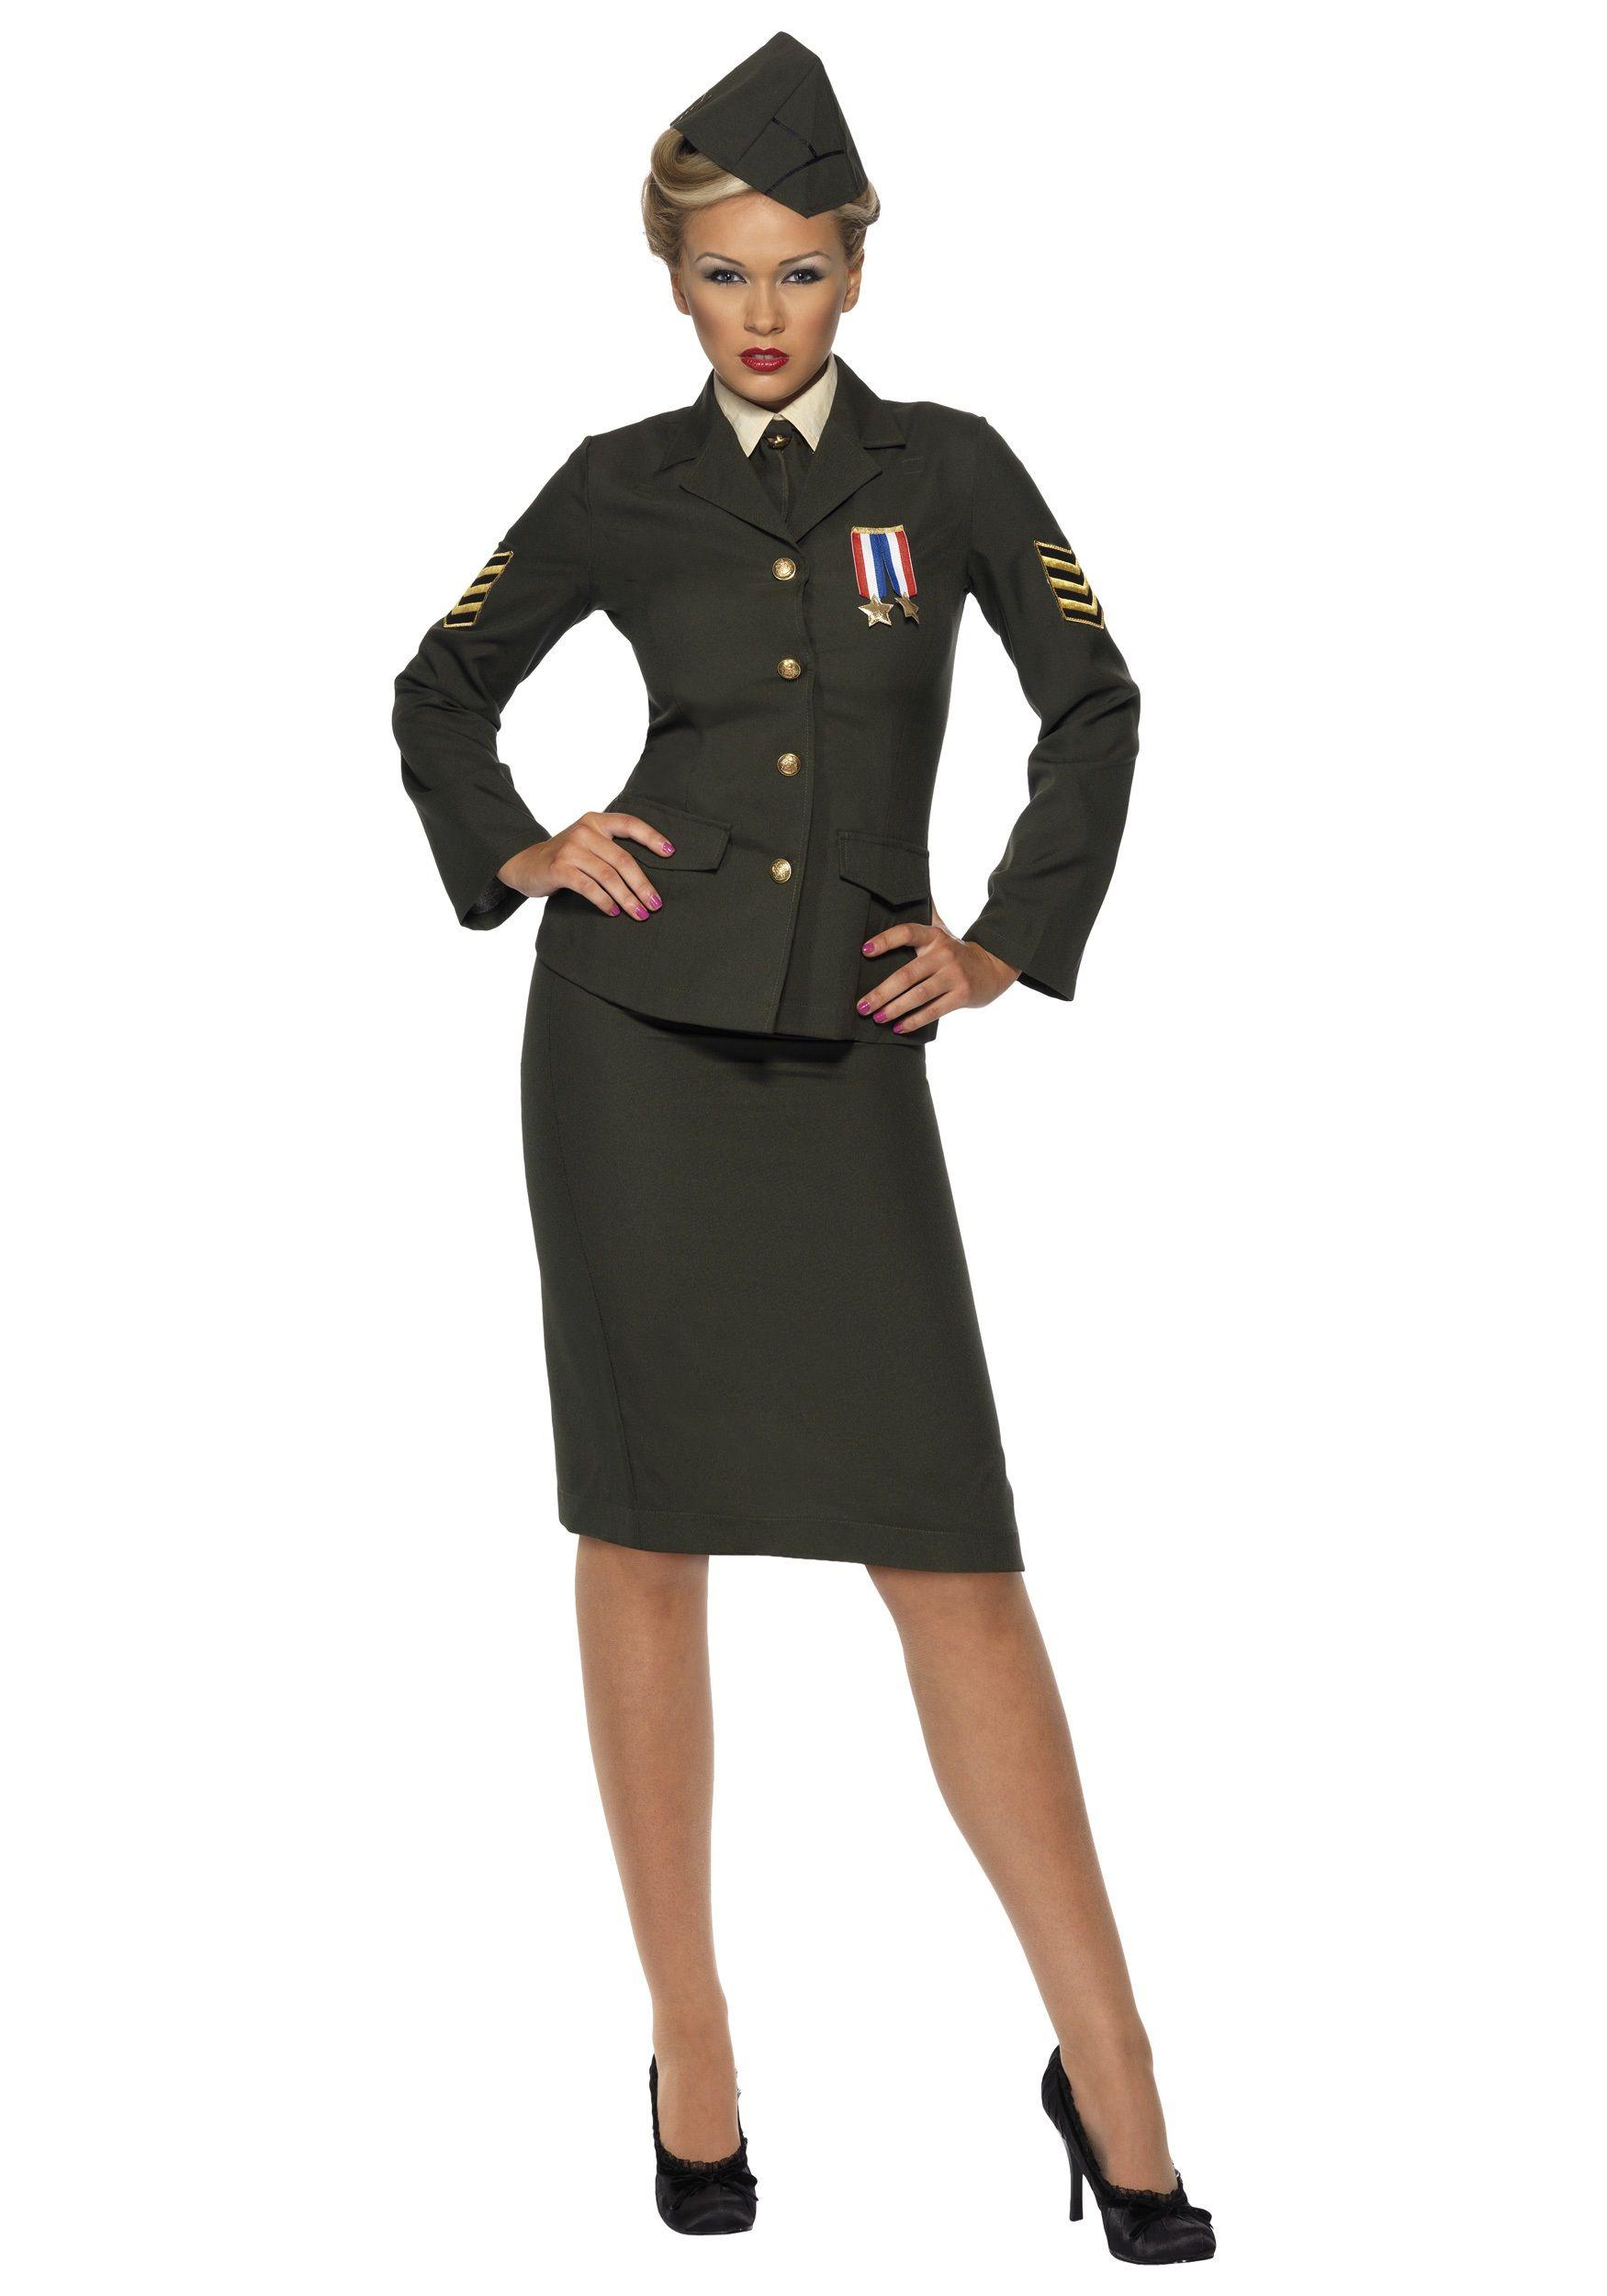 Déguisement Femme Militaire, Officier Militaire, Veste Militaire,  Deguisement Femme, Deguisement Halloween Femme